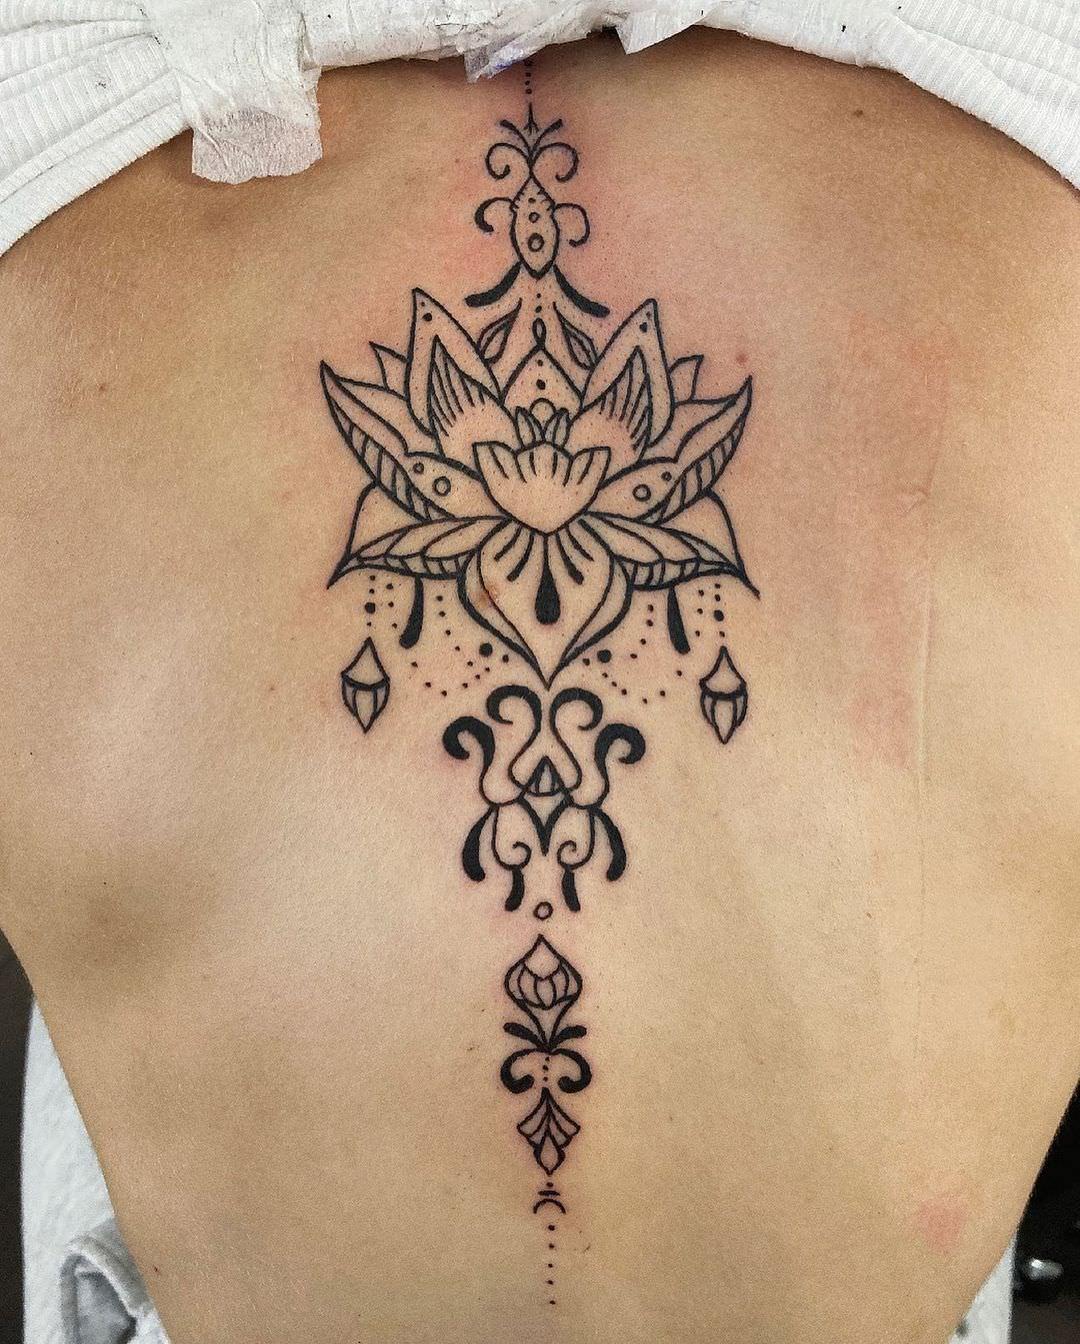 freakorunique_tattoostudio_233207207_190491276454031_7132452999083082399_n